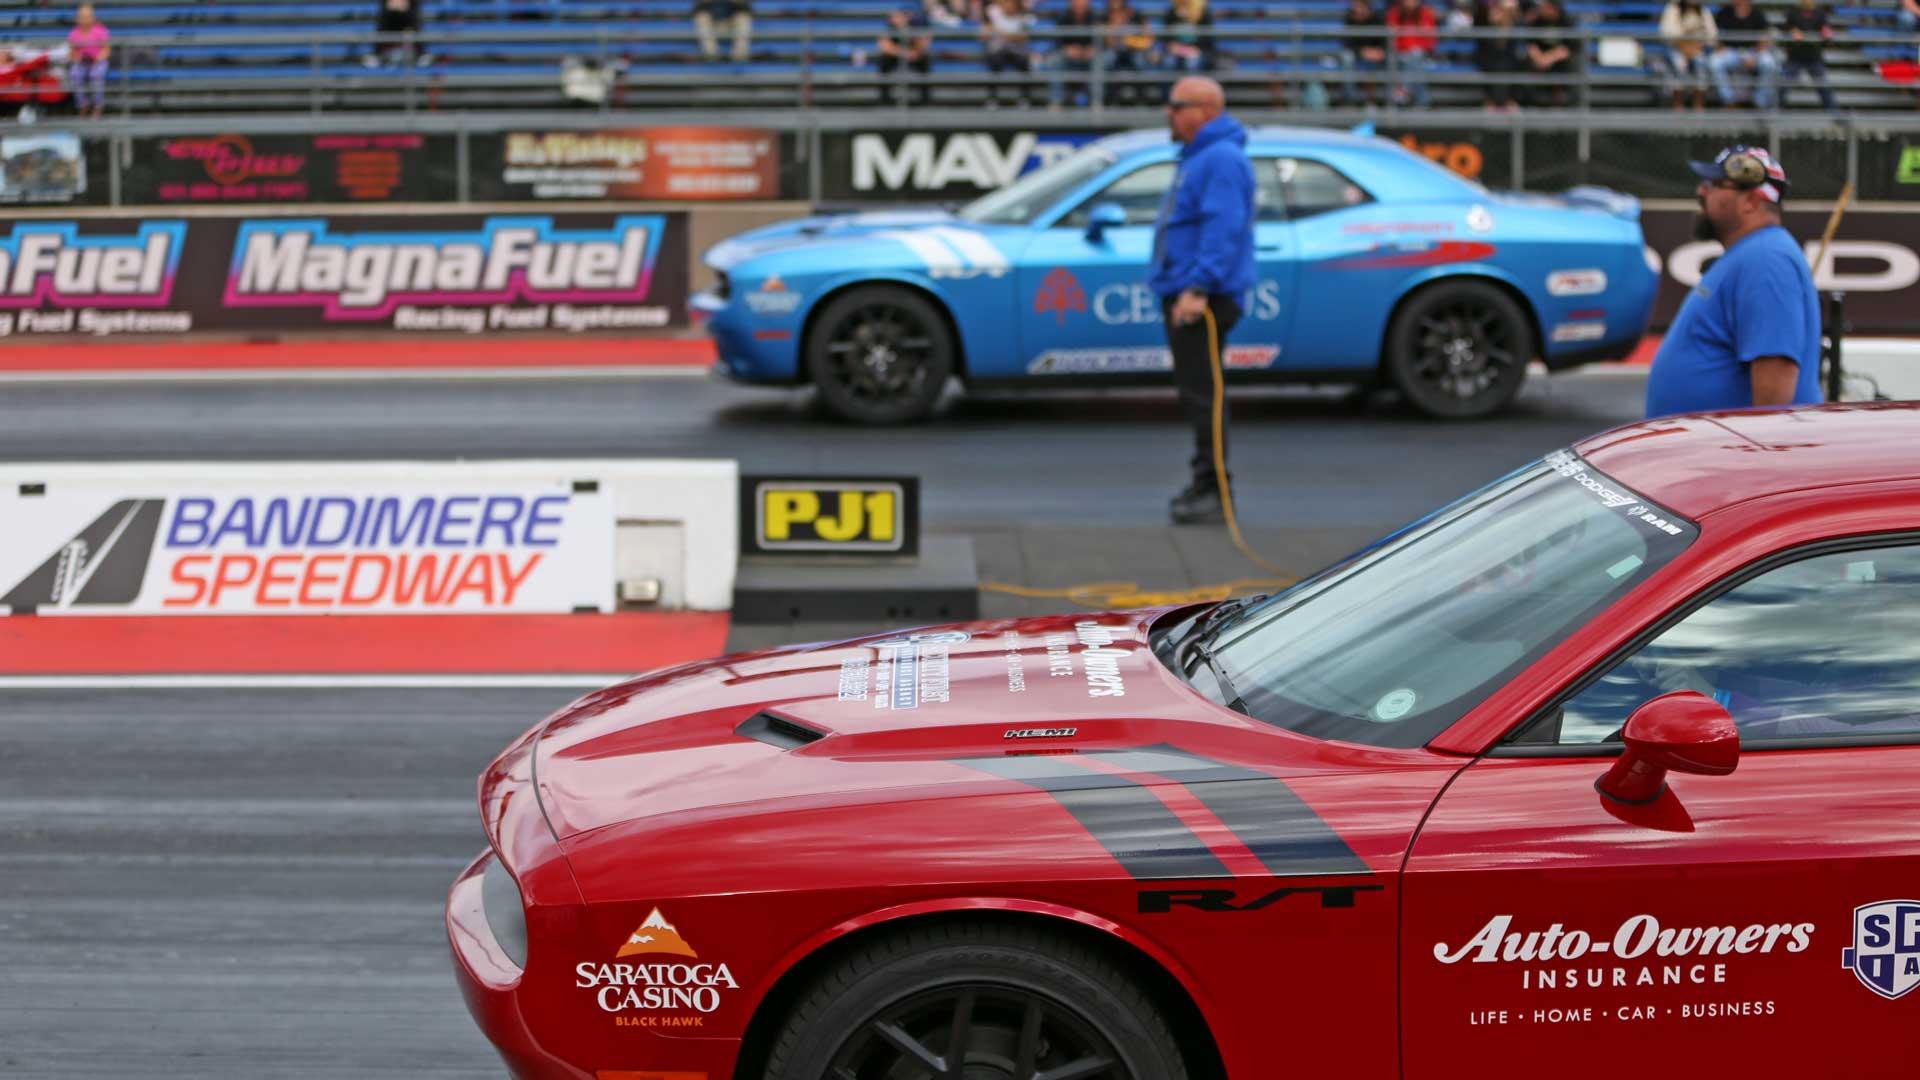 Challenge Races - Bandimere Speedway